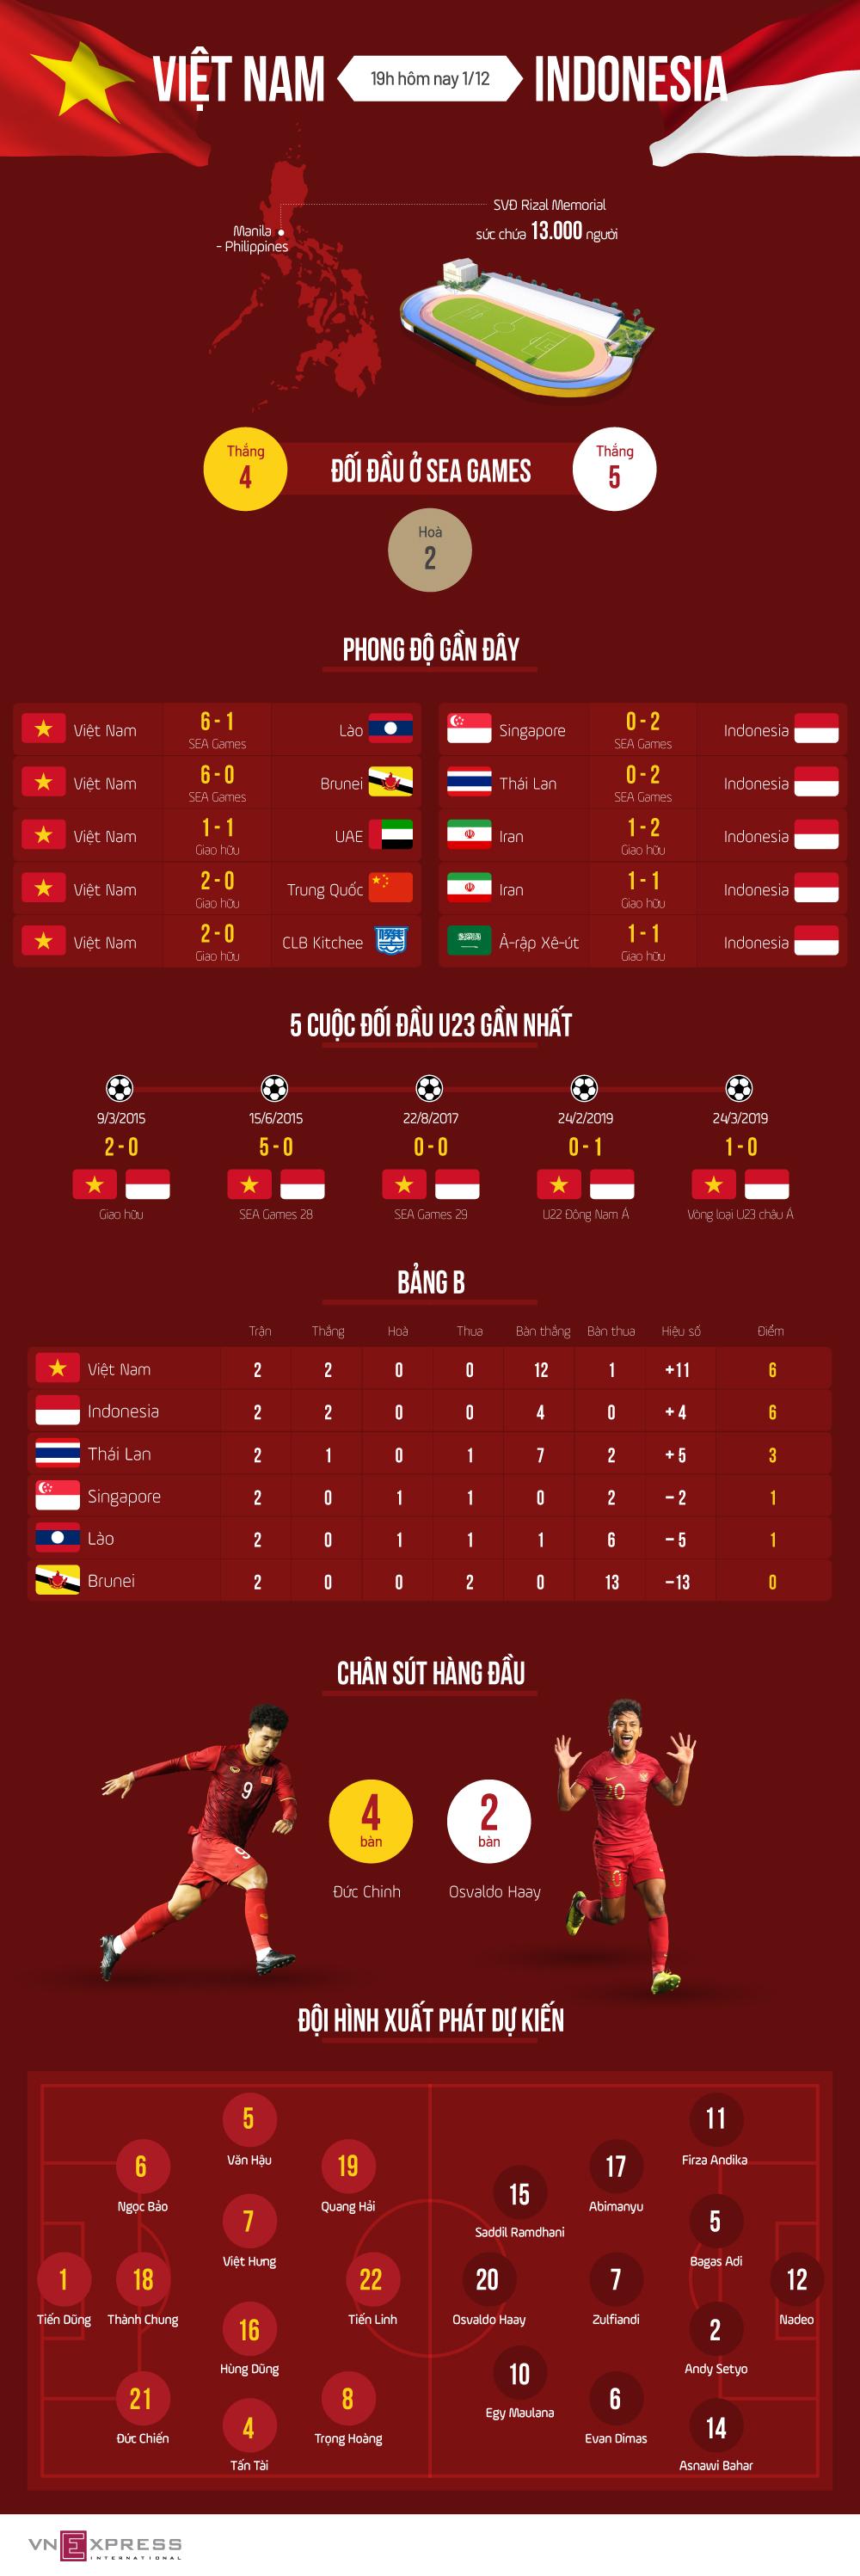 Cuộc chiến ngang cơ giữa Việt Nam - Indonesia